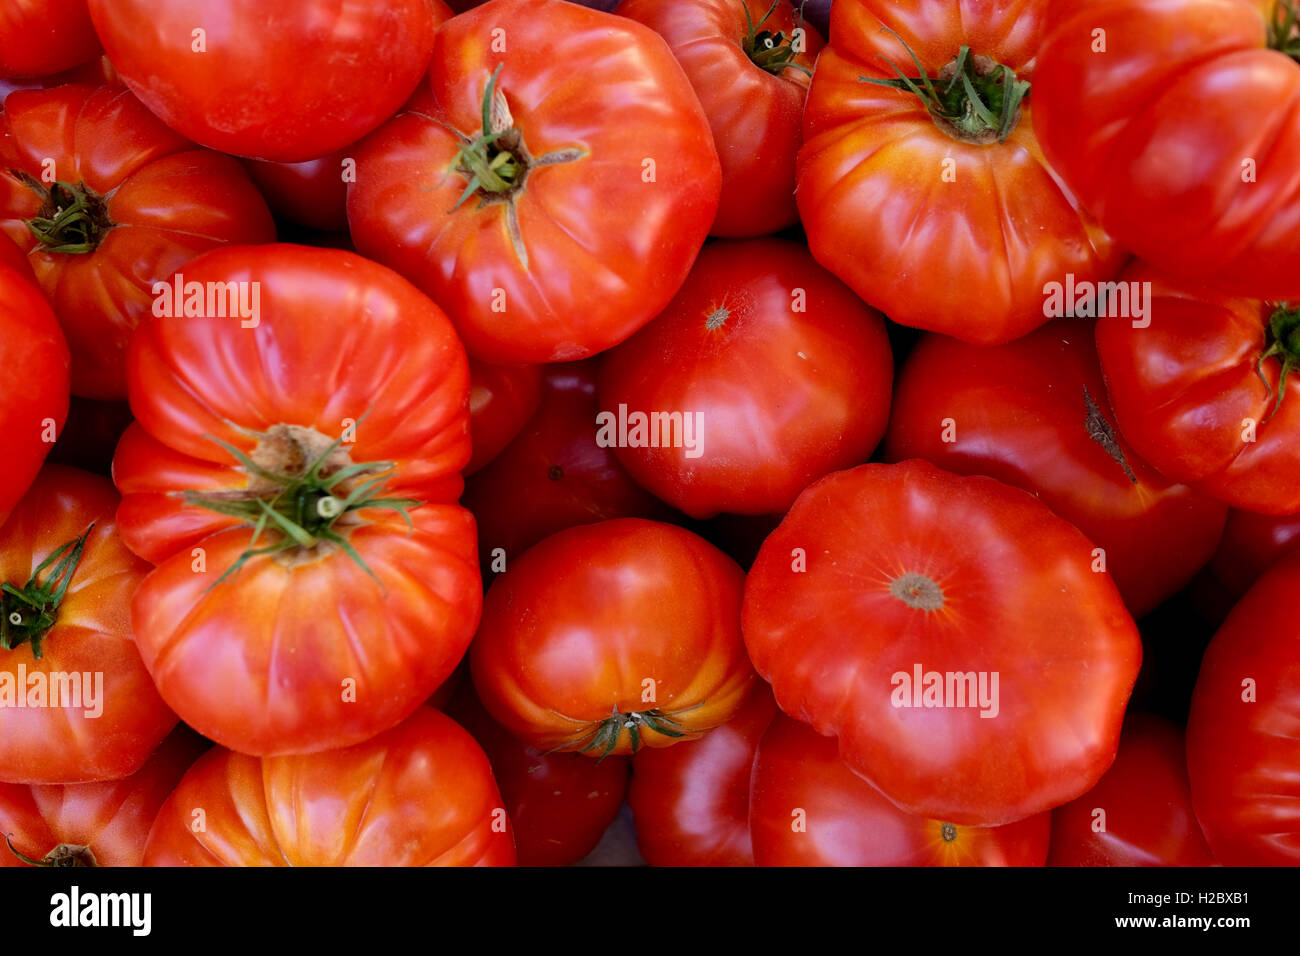 Pomodori per la vendita in un mercato locale Immagini Stock